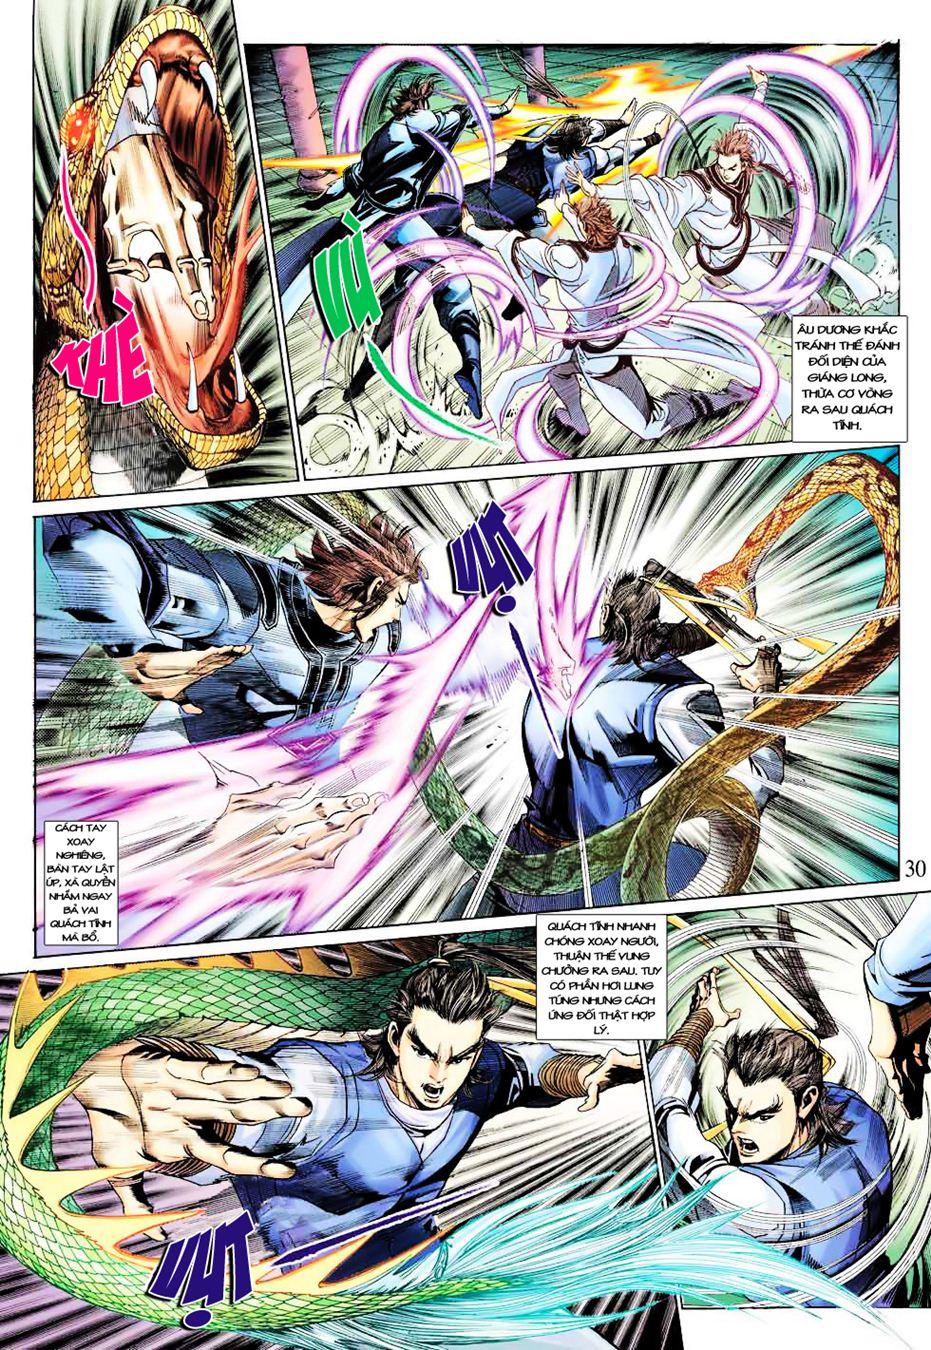 Anh Hùng Xạ Điêu anh hùng xạ đêu chap 35 trang 30